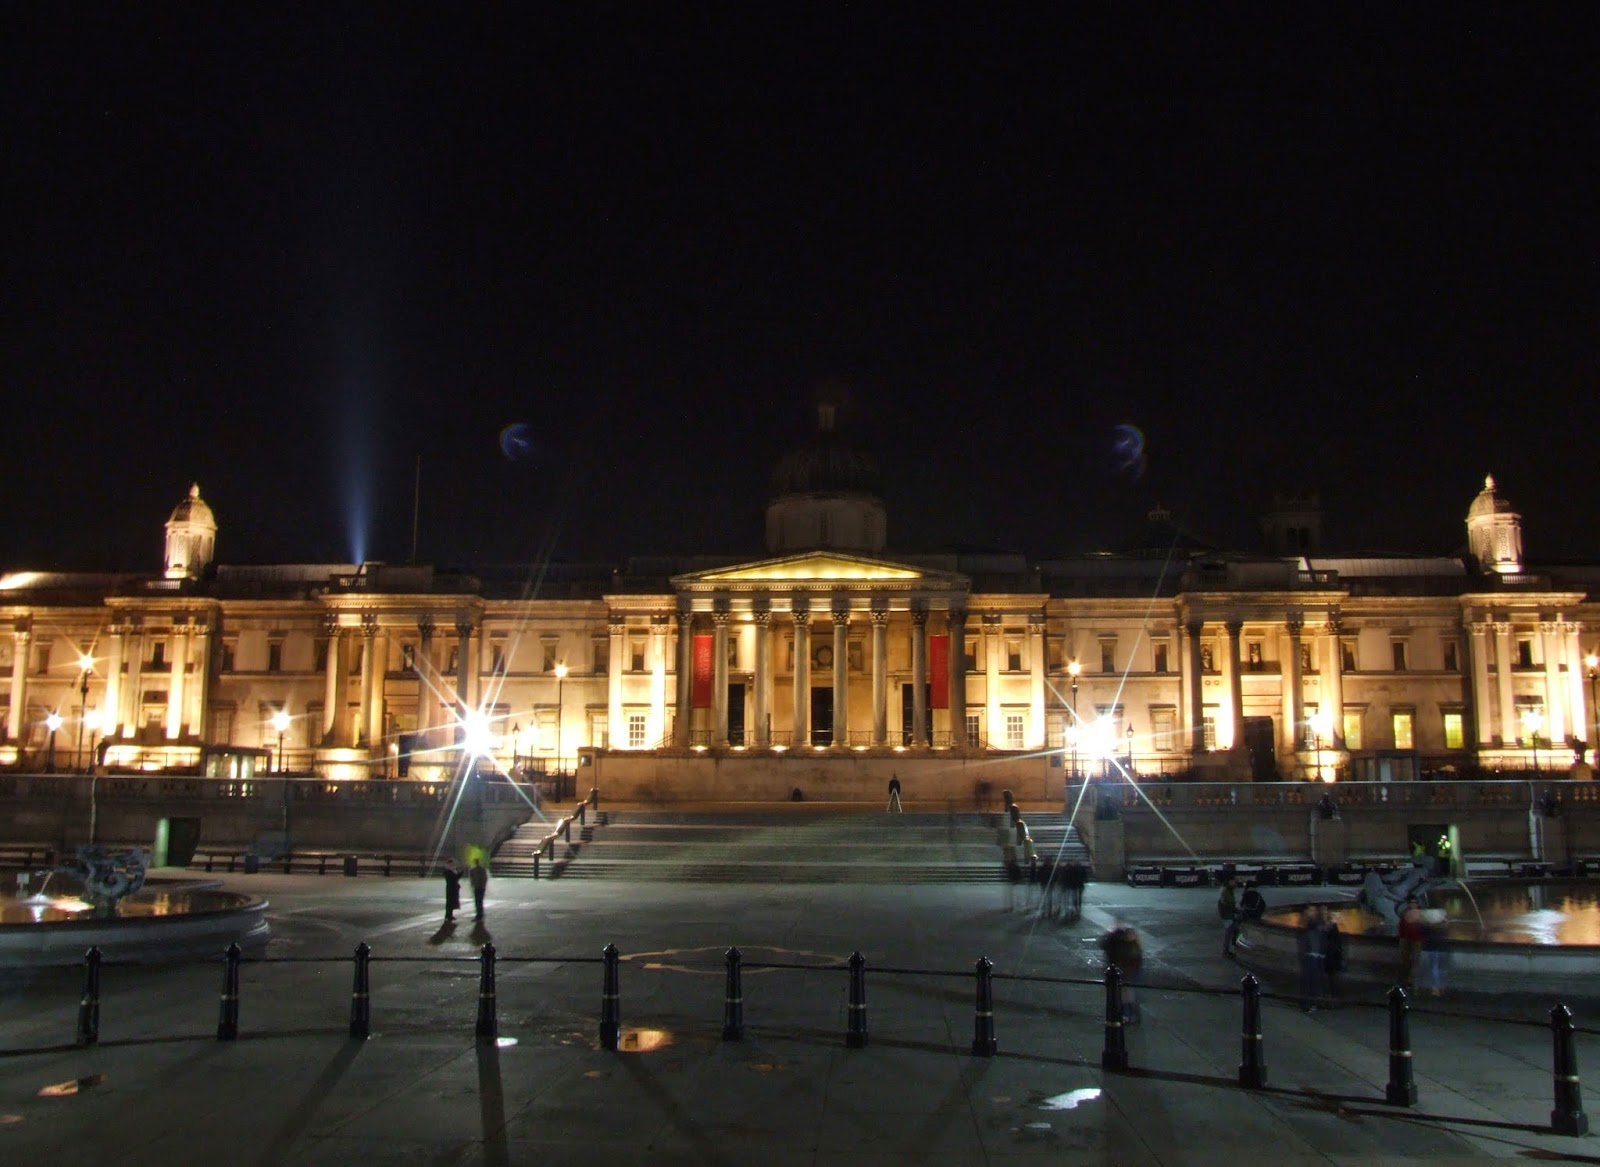 National Gallery na Placu Trafalgar.